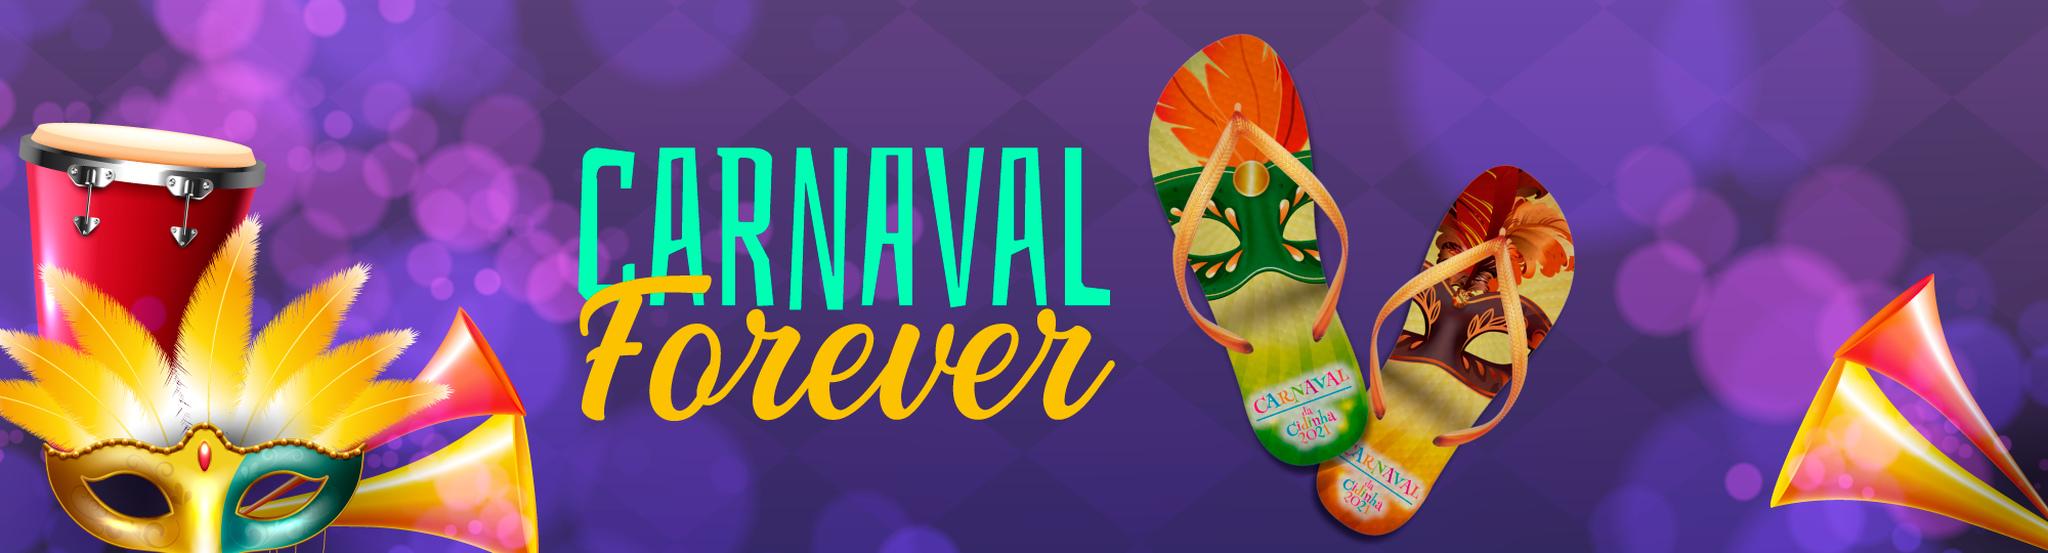 Carnaval em floripa